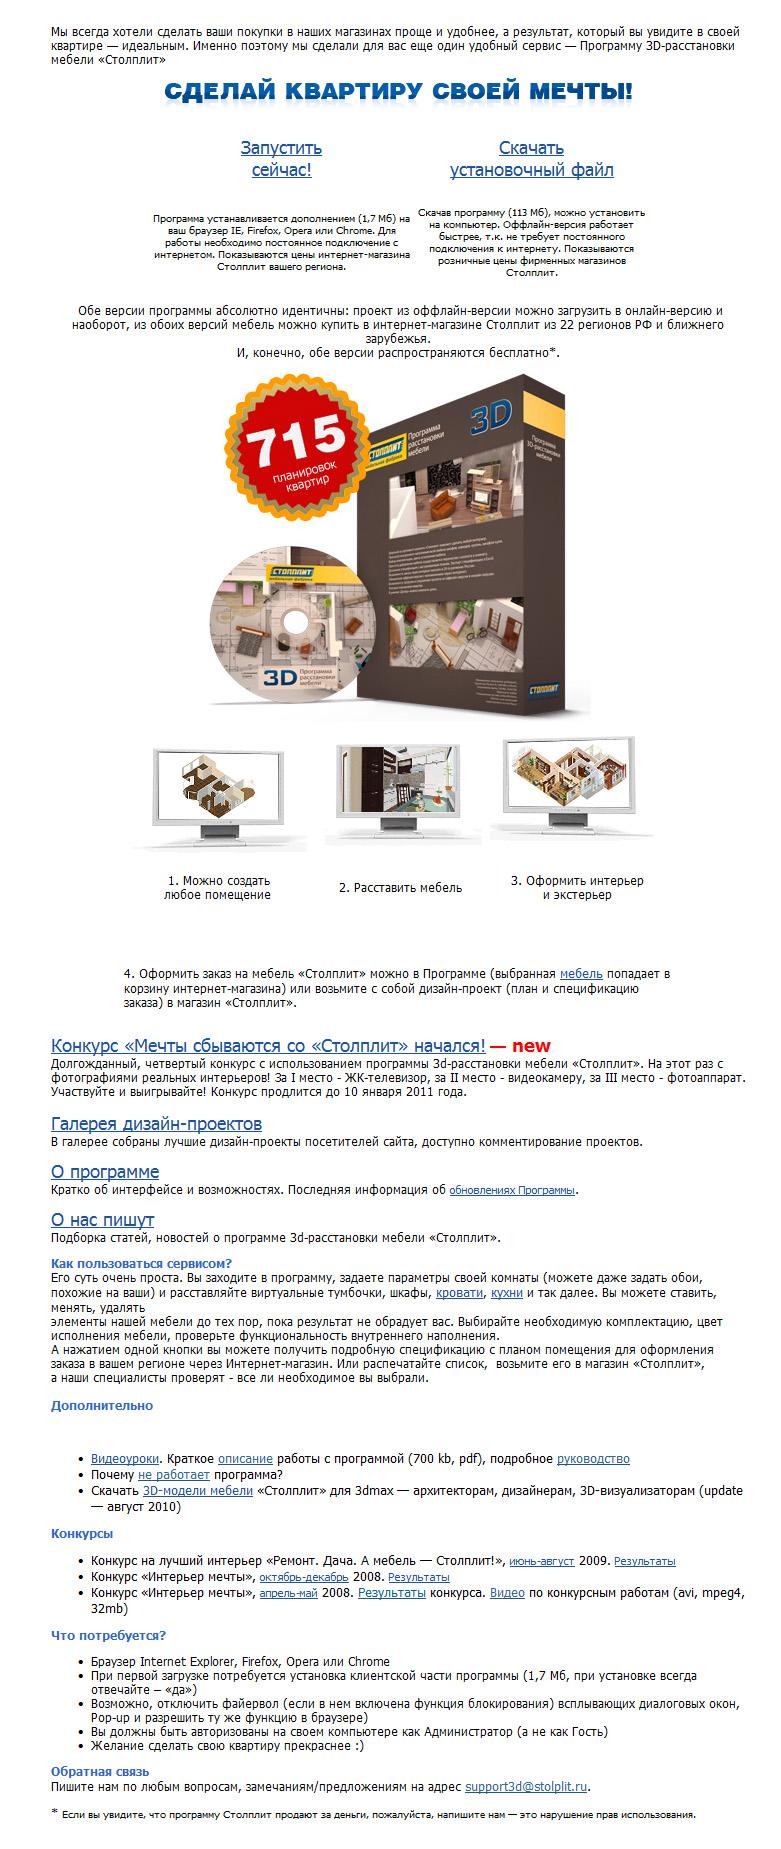 Сайт, страница поддержки 3d